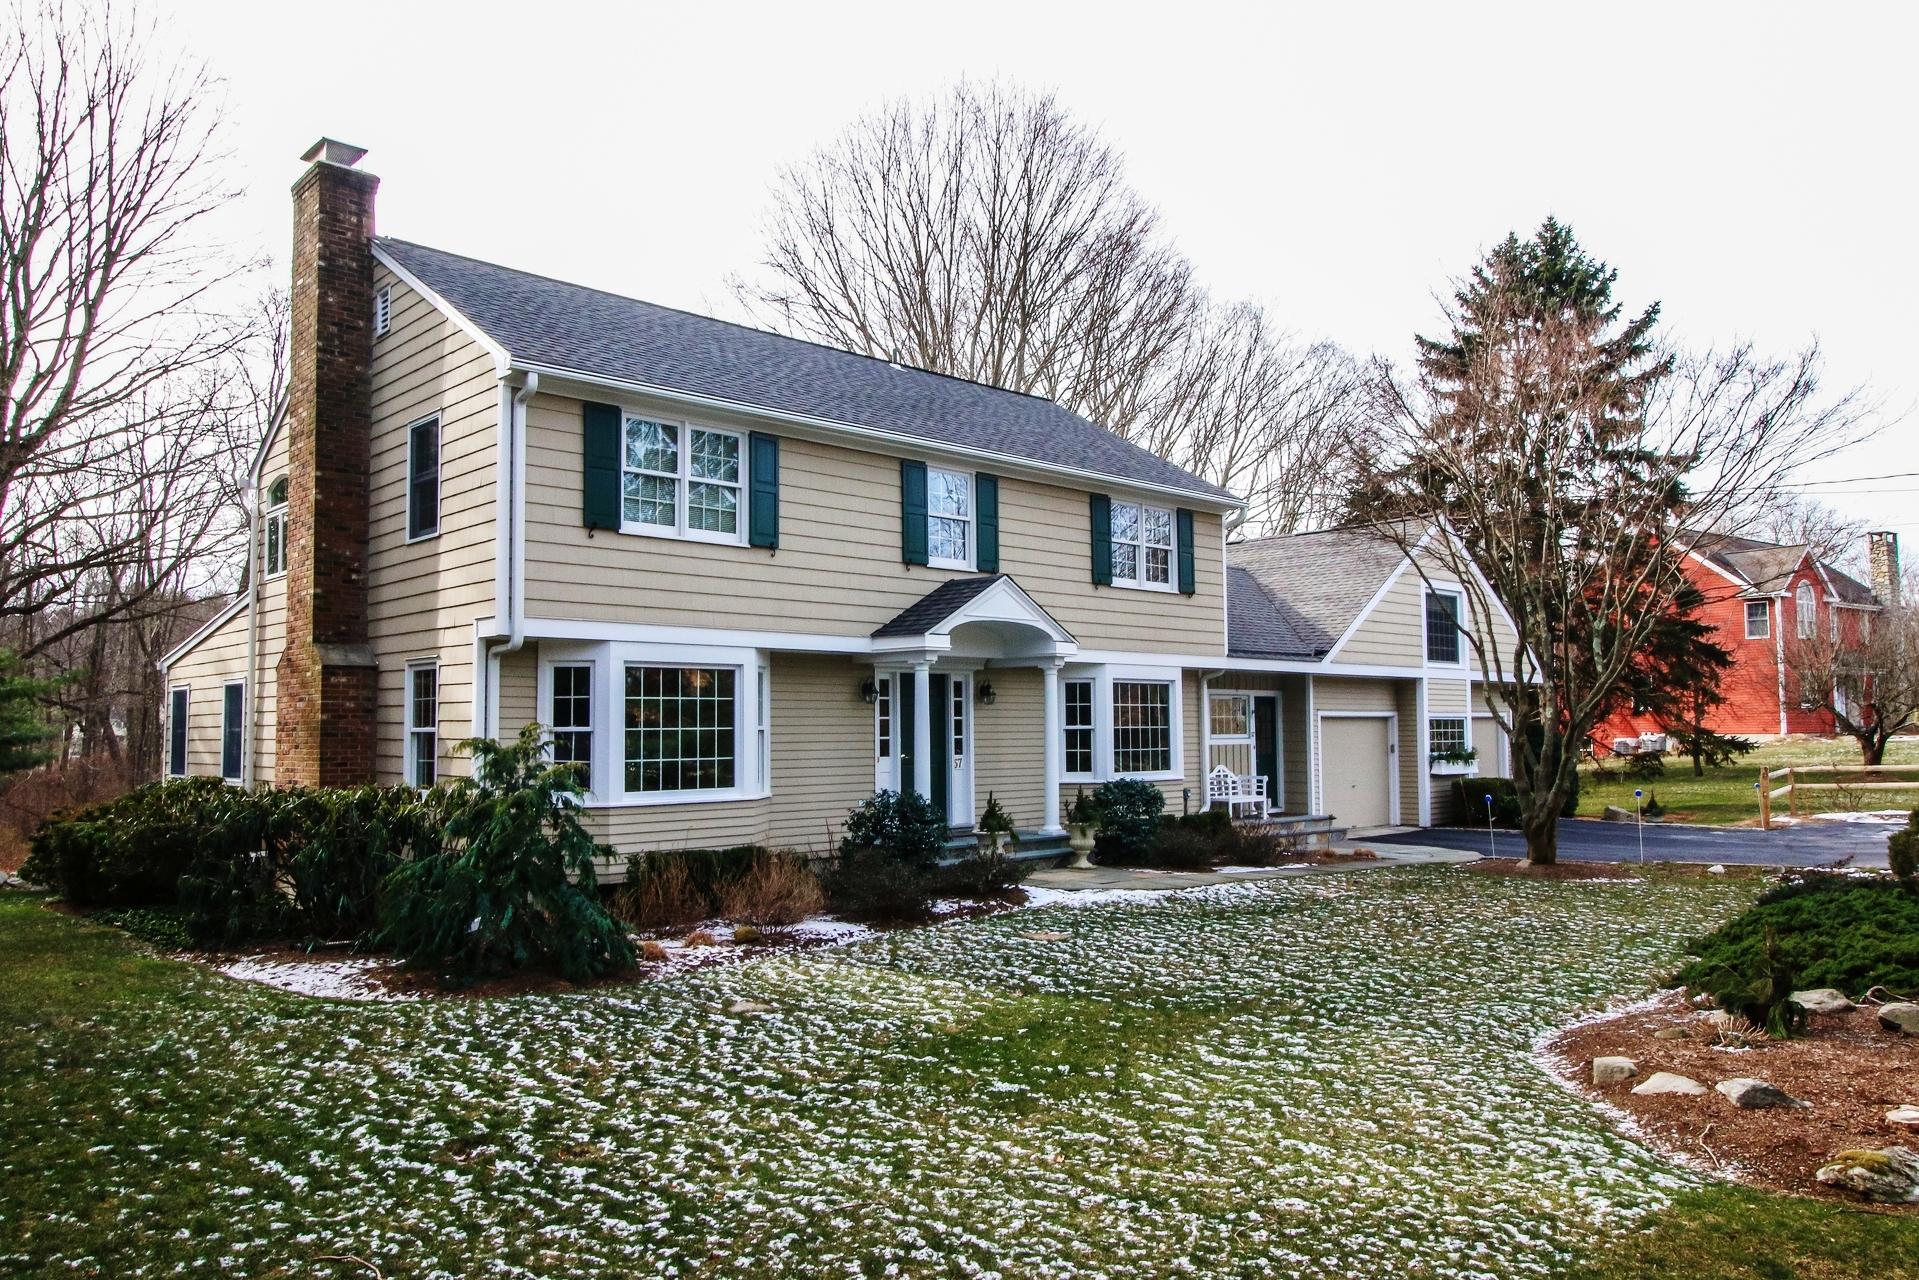 一戸建て のために 売買 アット Center Hall Colonial on 2+ Acres 57 Vista Road Wilton, コネチカット 06897 アメリカ合衆国